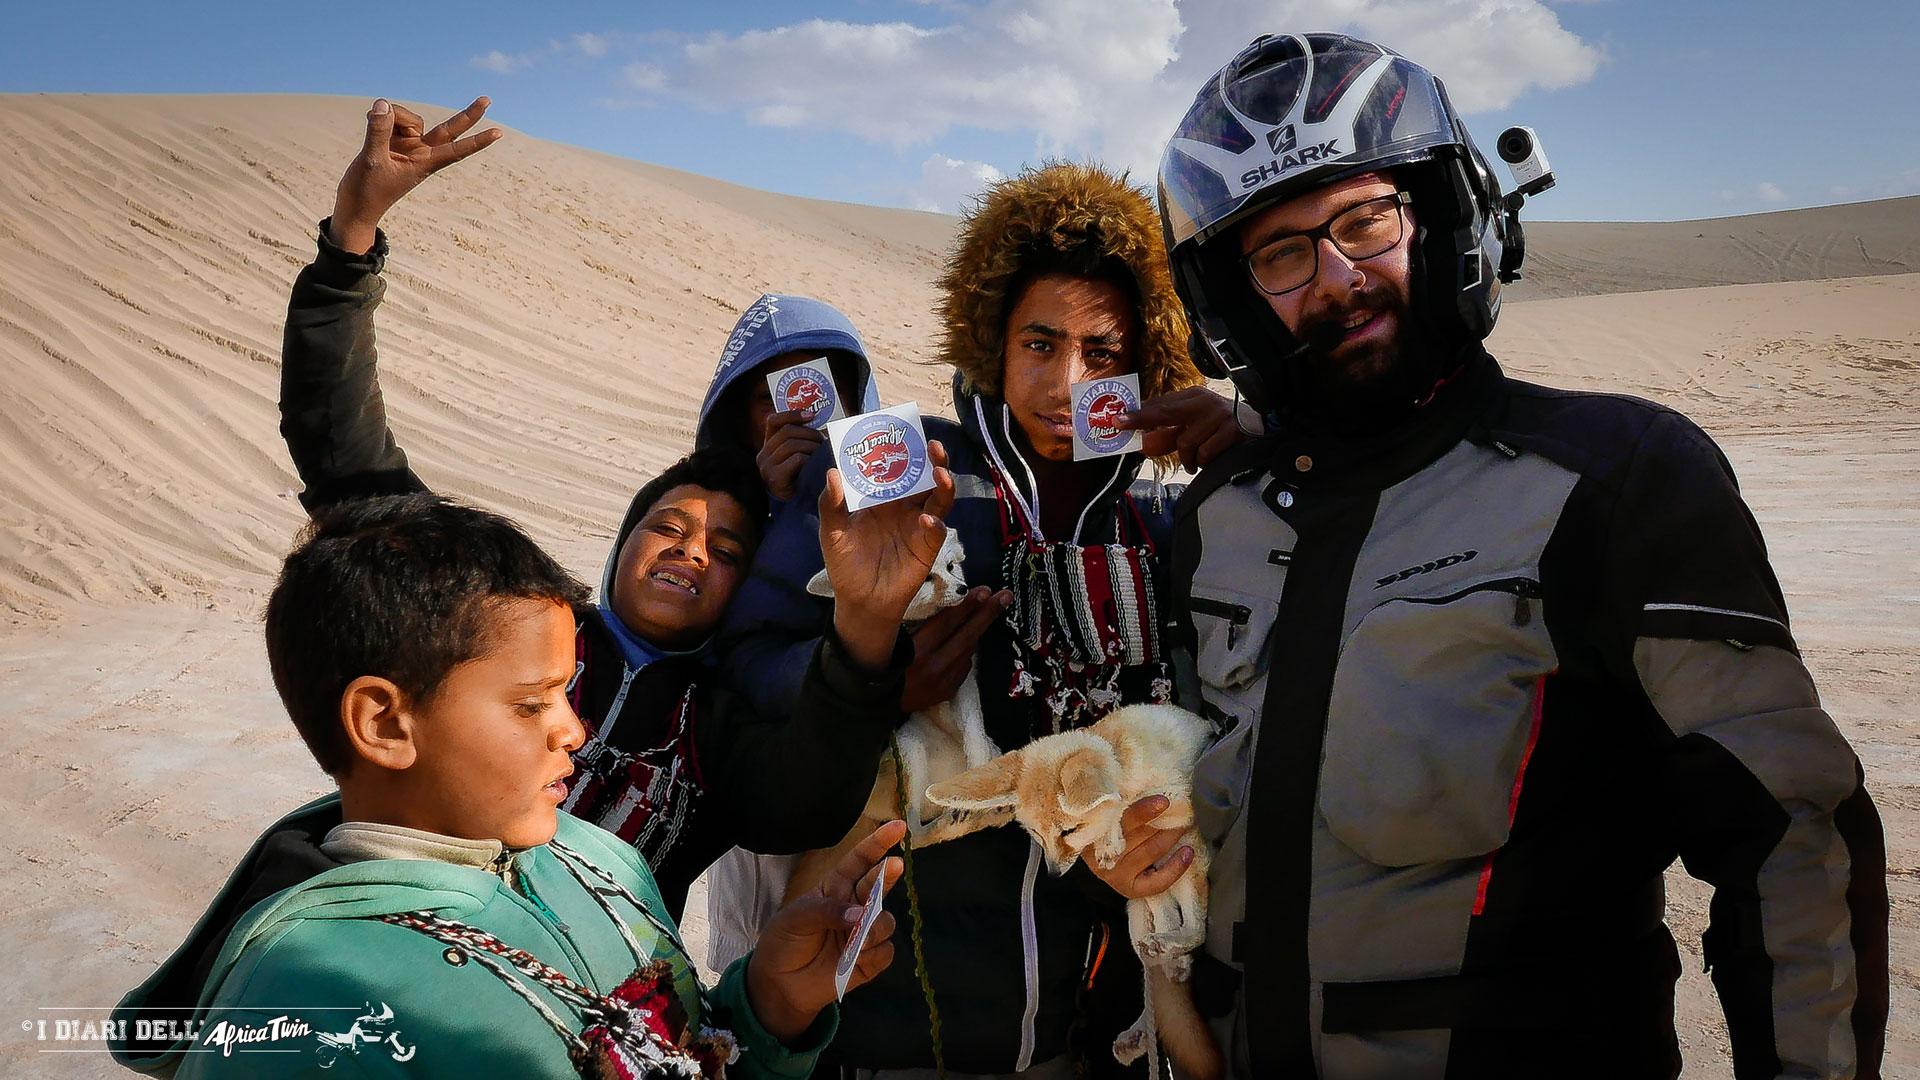 bambini volpe del deserto sahara tunisia ong jmal